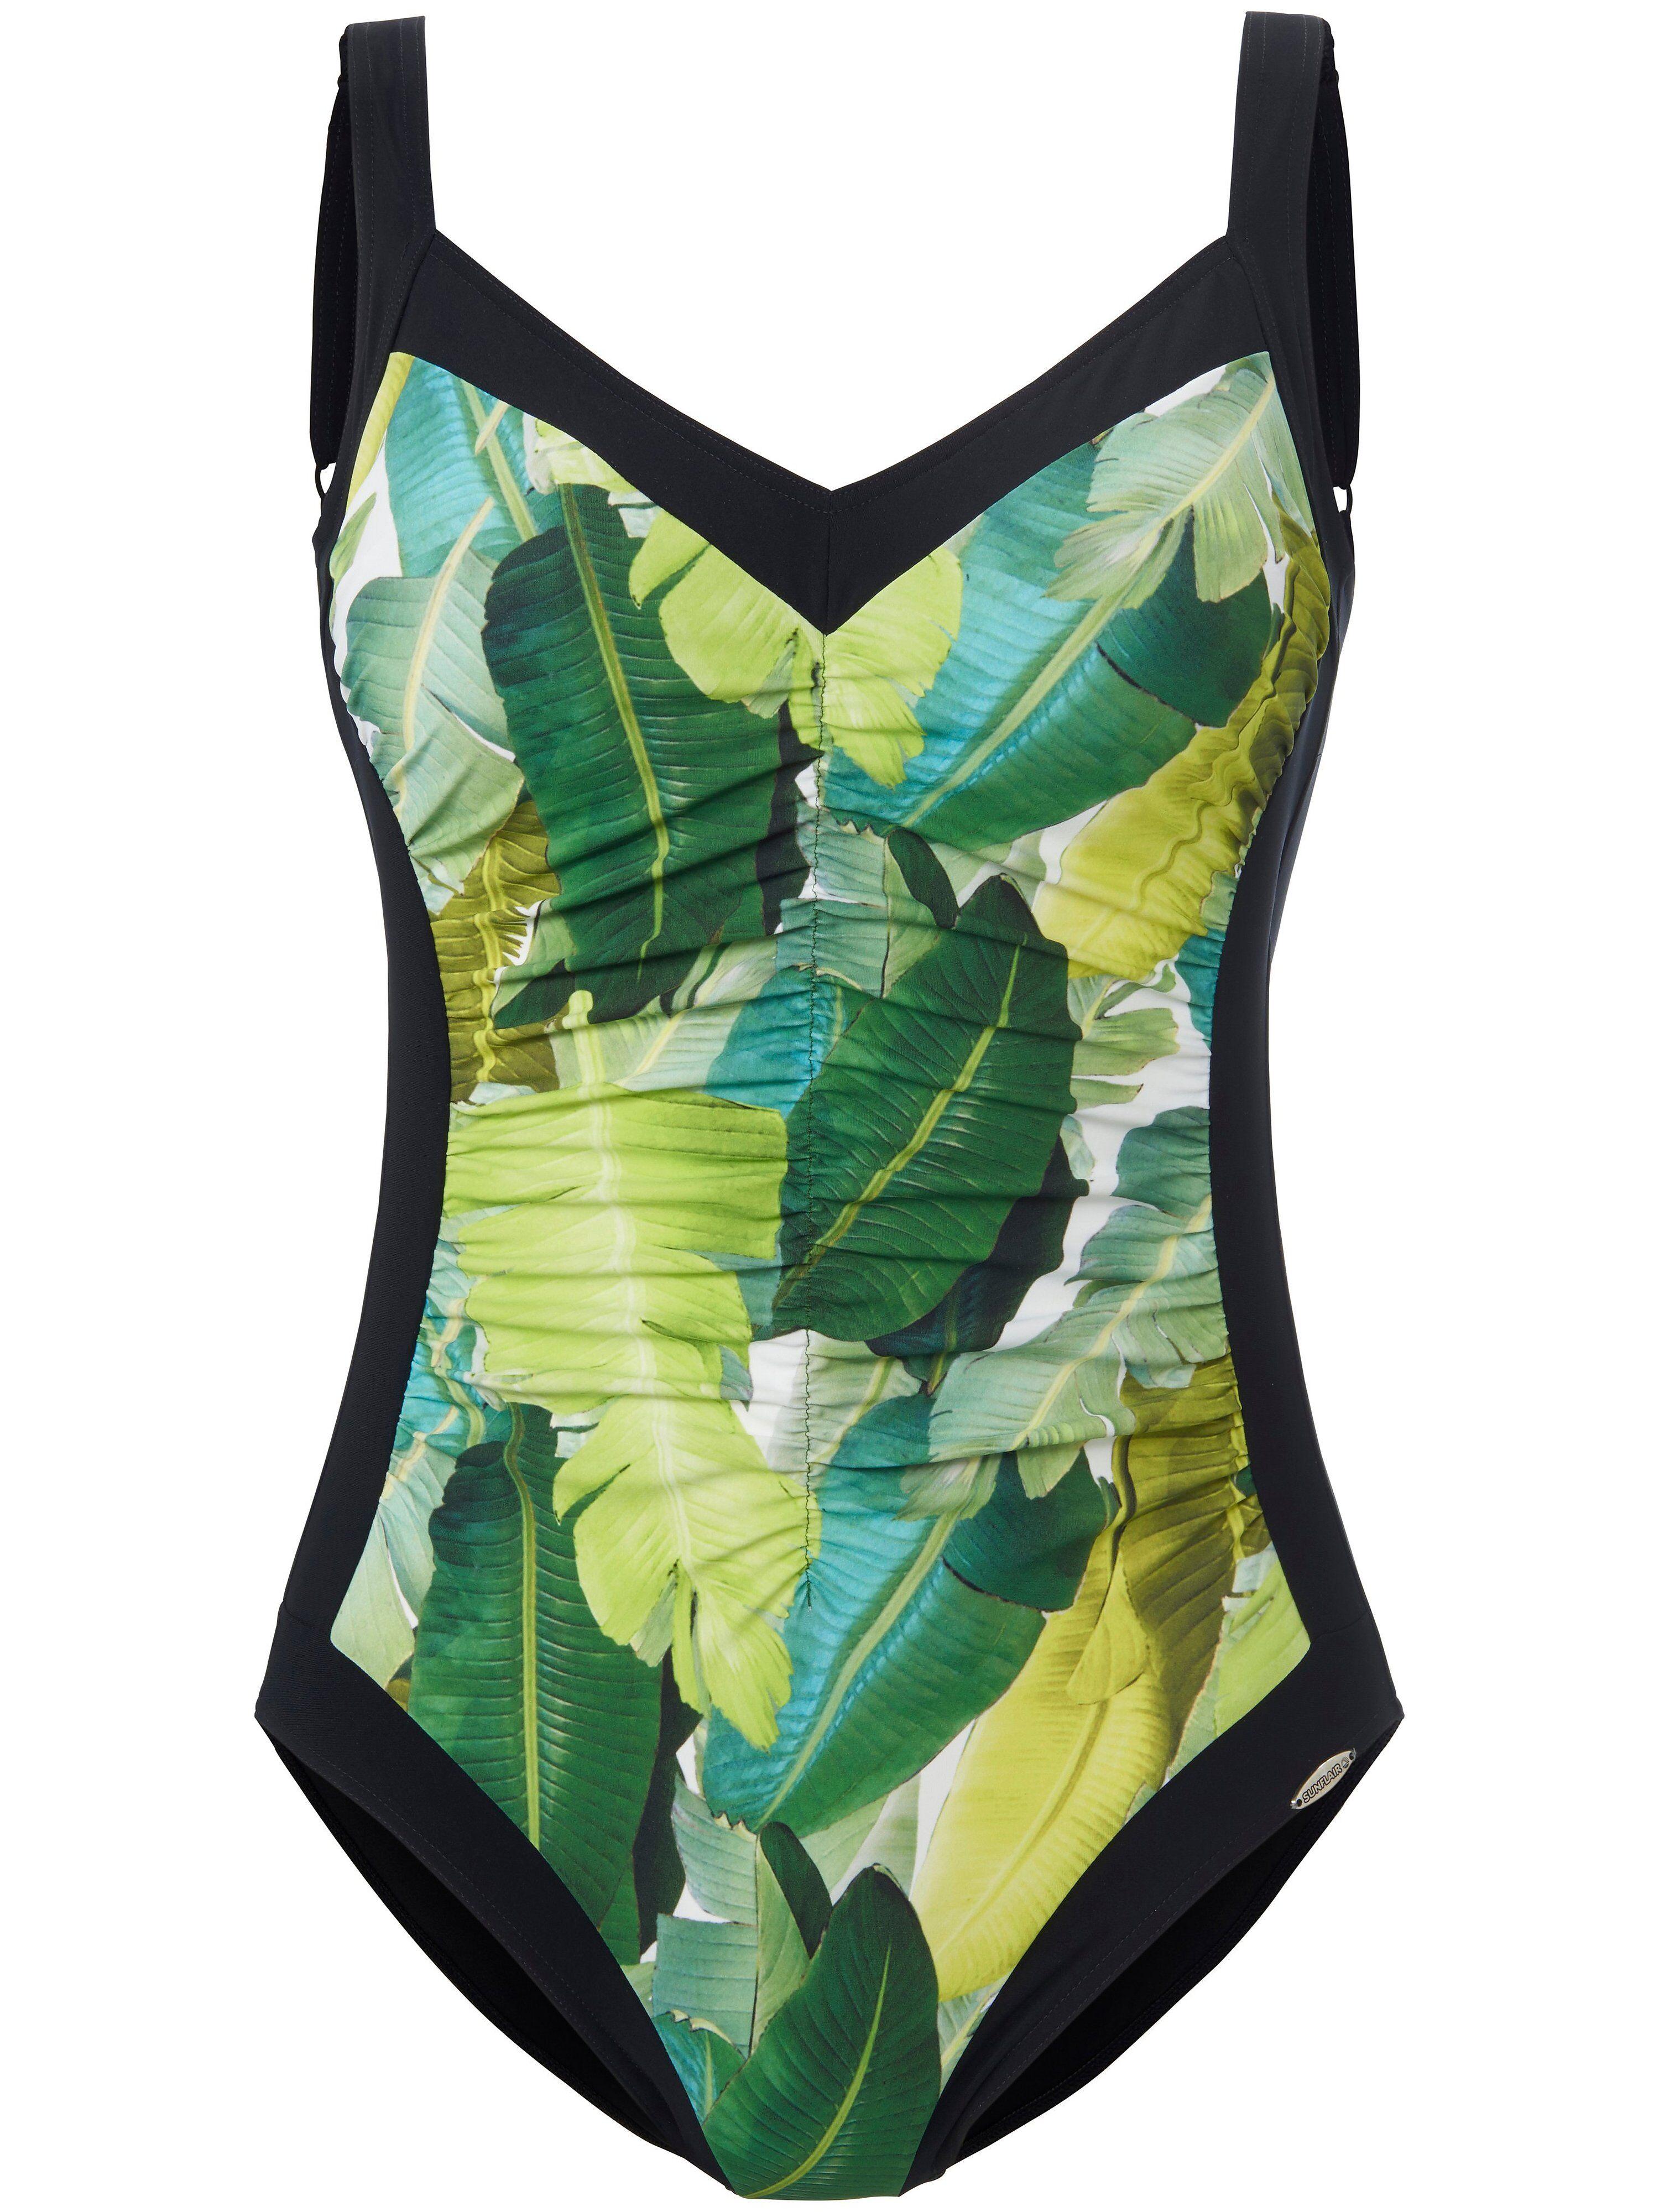 Sunflair Le maillot bain Xtra Life  Sunflair noir  - Femme - 40